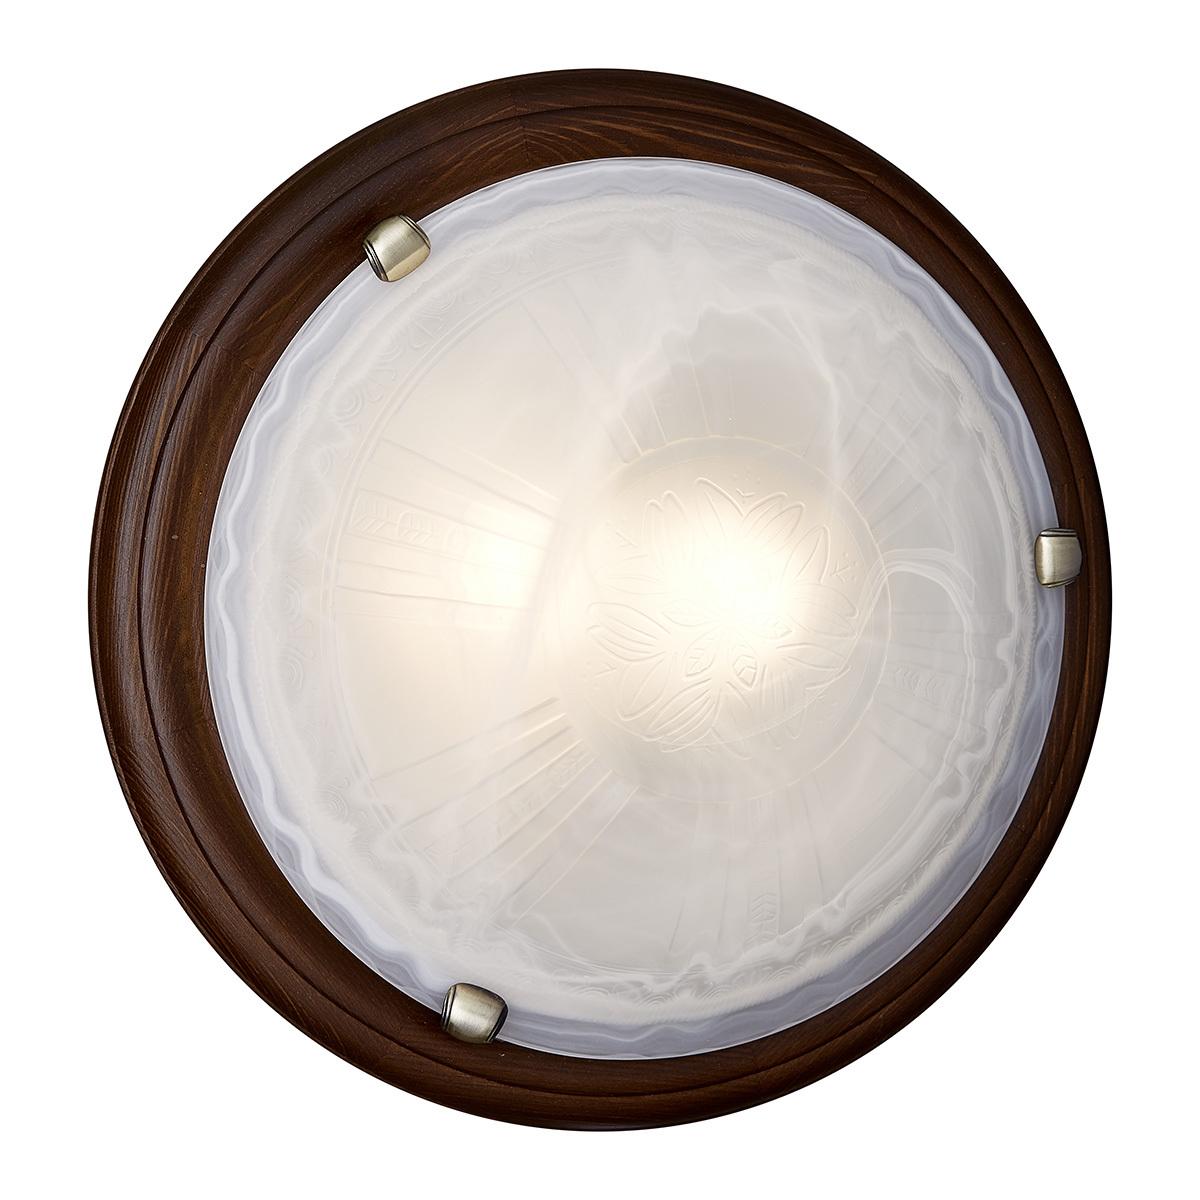 Потолочный светильник Sonex Lufe Wood 136/K - фото 2